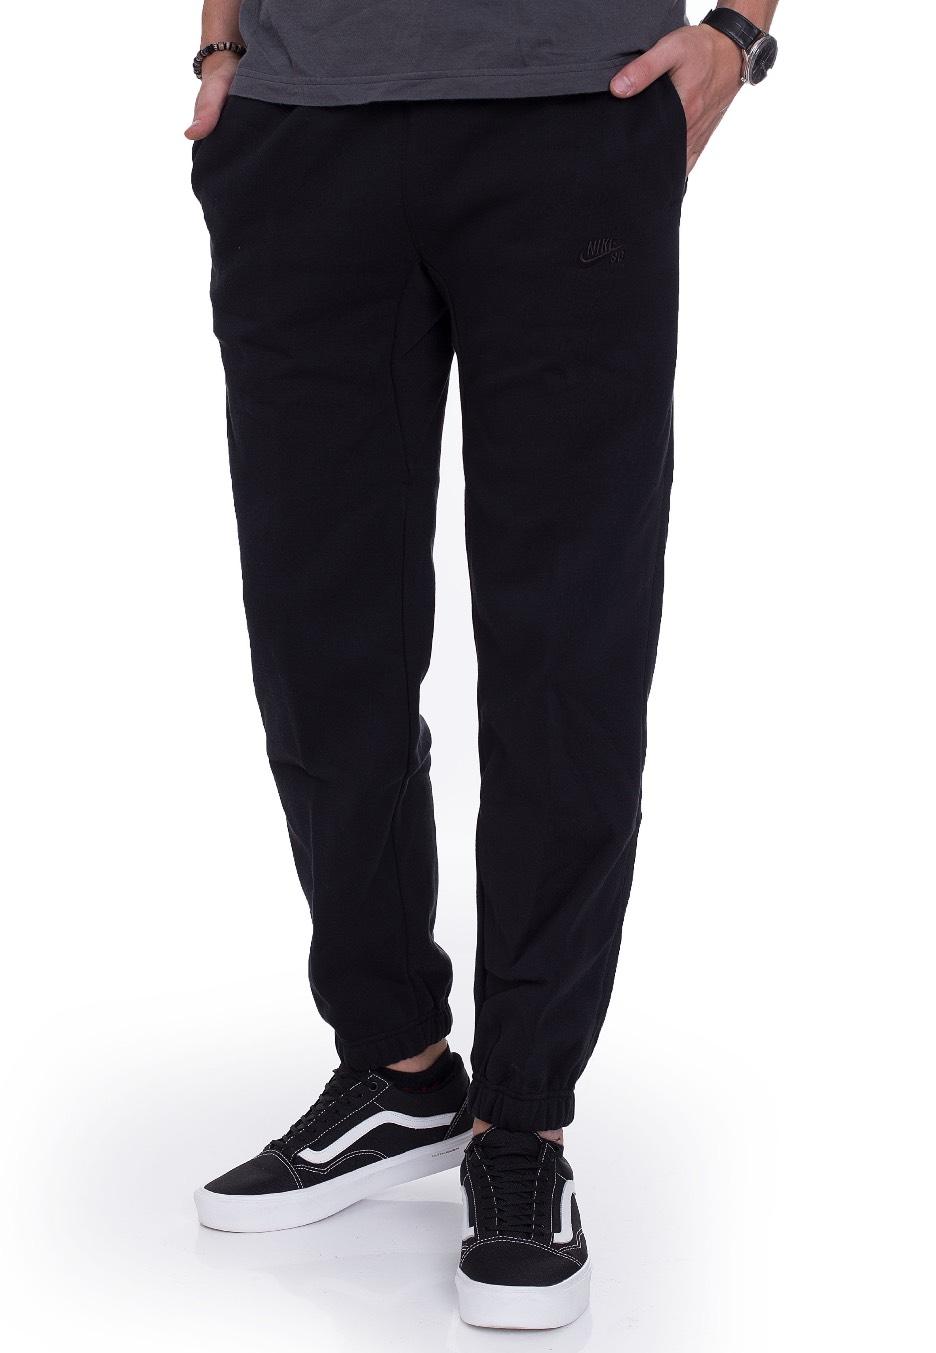 a933bd037 Nike - SB Icon Fleece Black/Black - Sweat Pants - Streetwear Shop -  Impericon.com UK